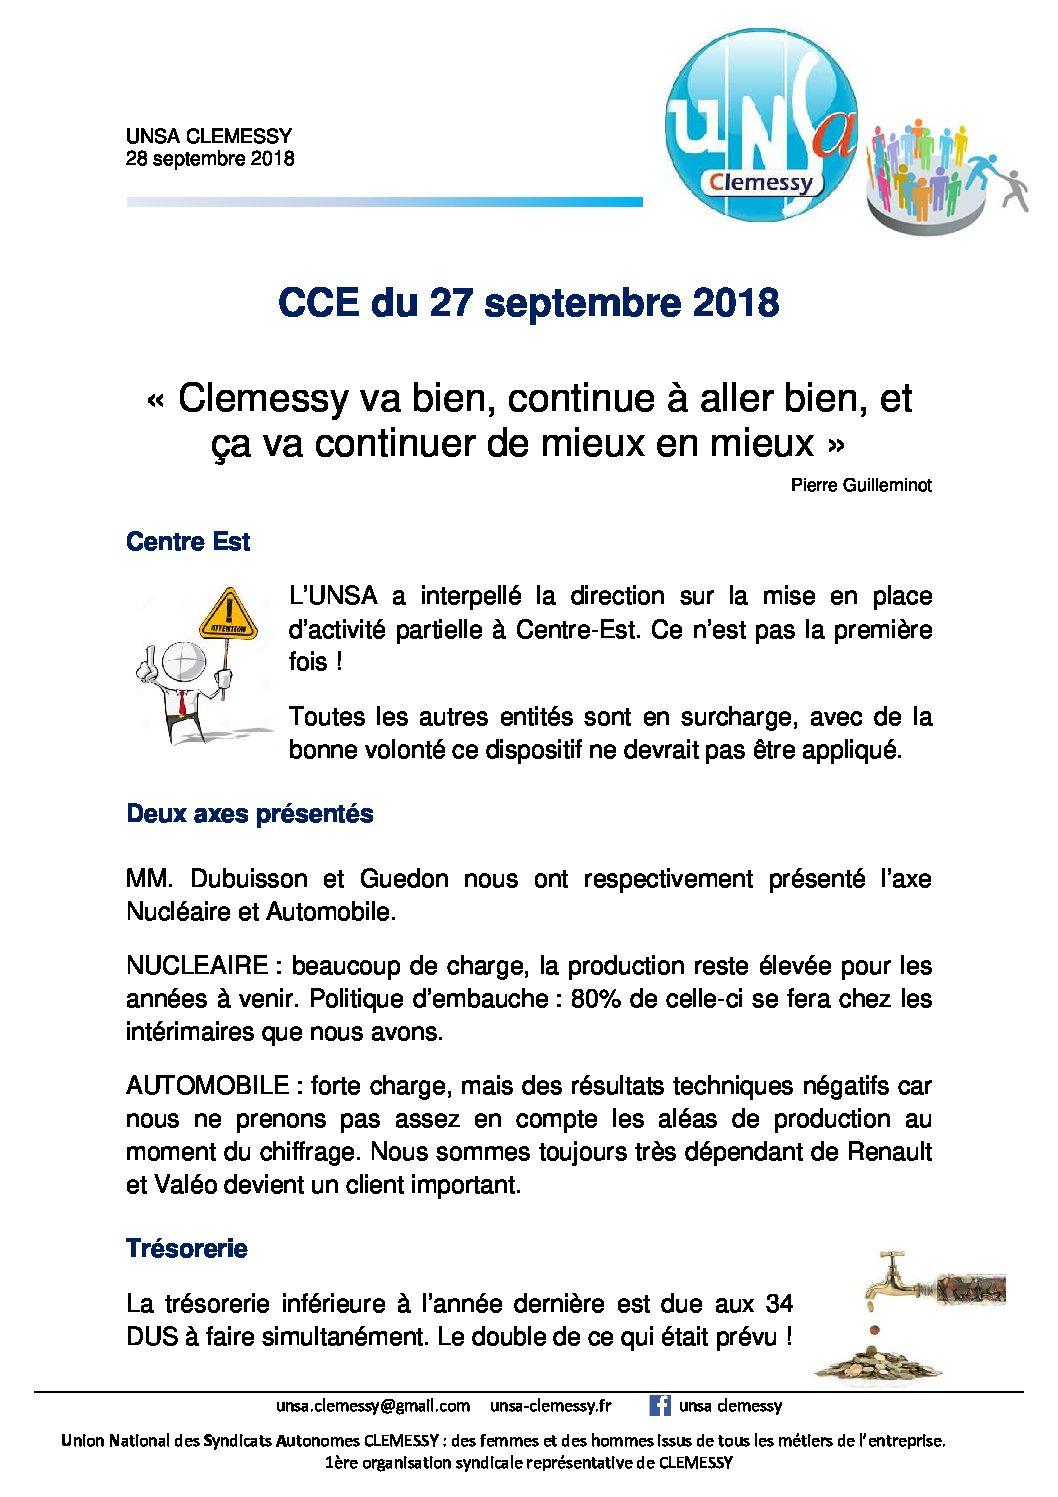 2018_09_27_CCE du 27 septembre 2018